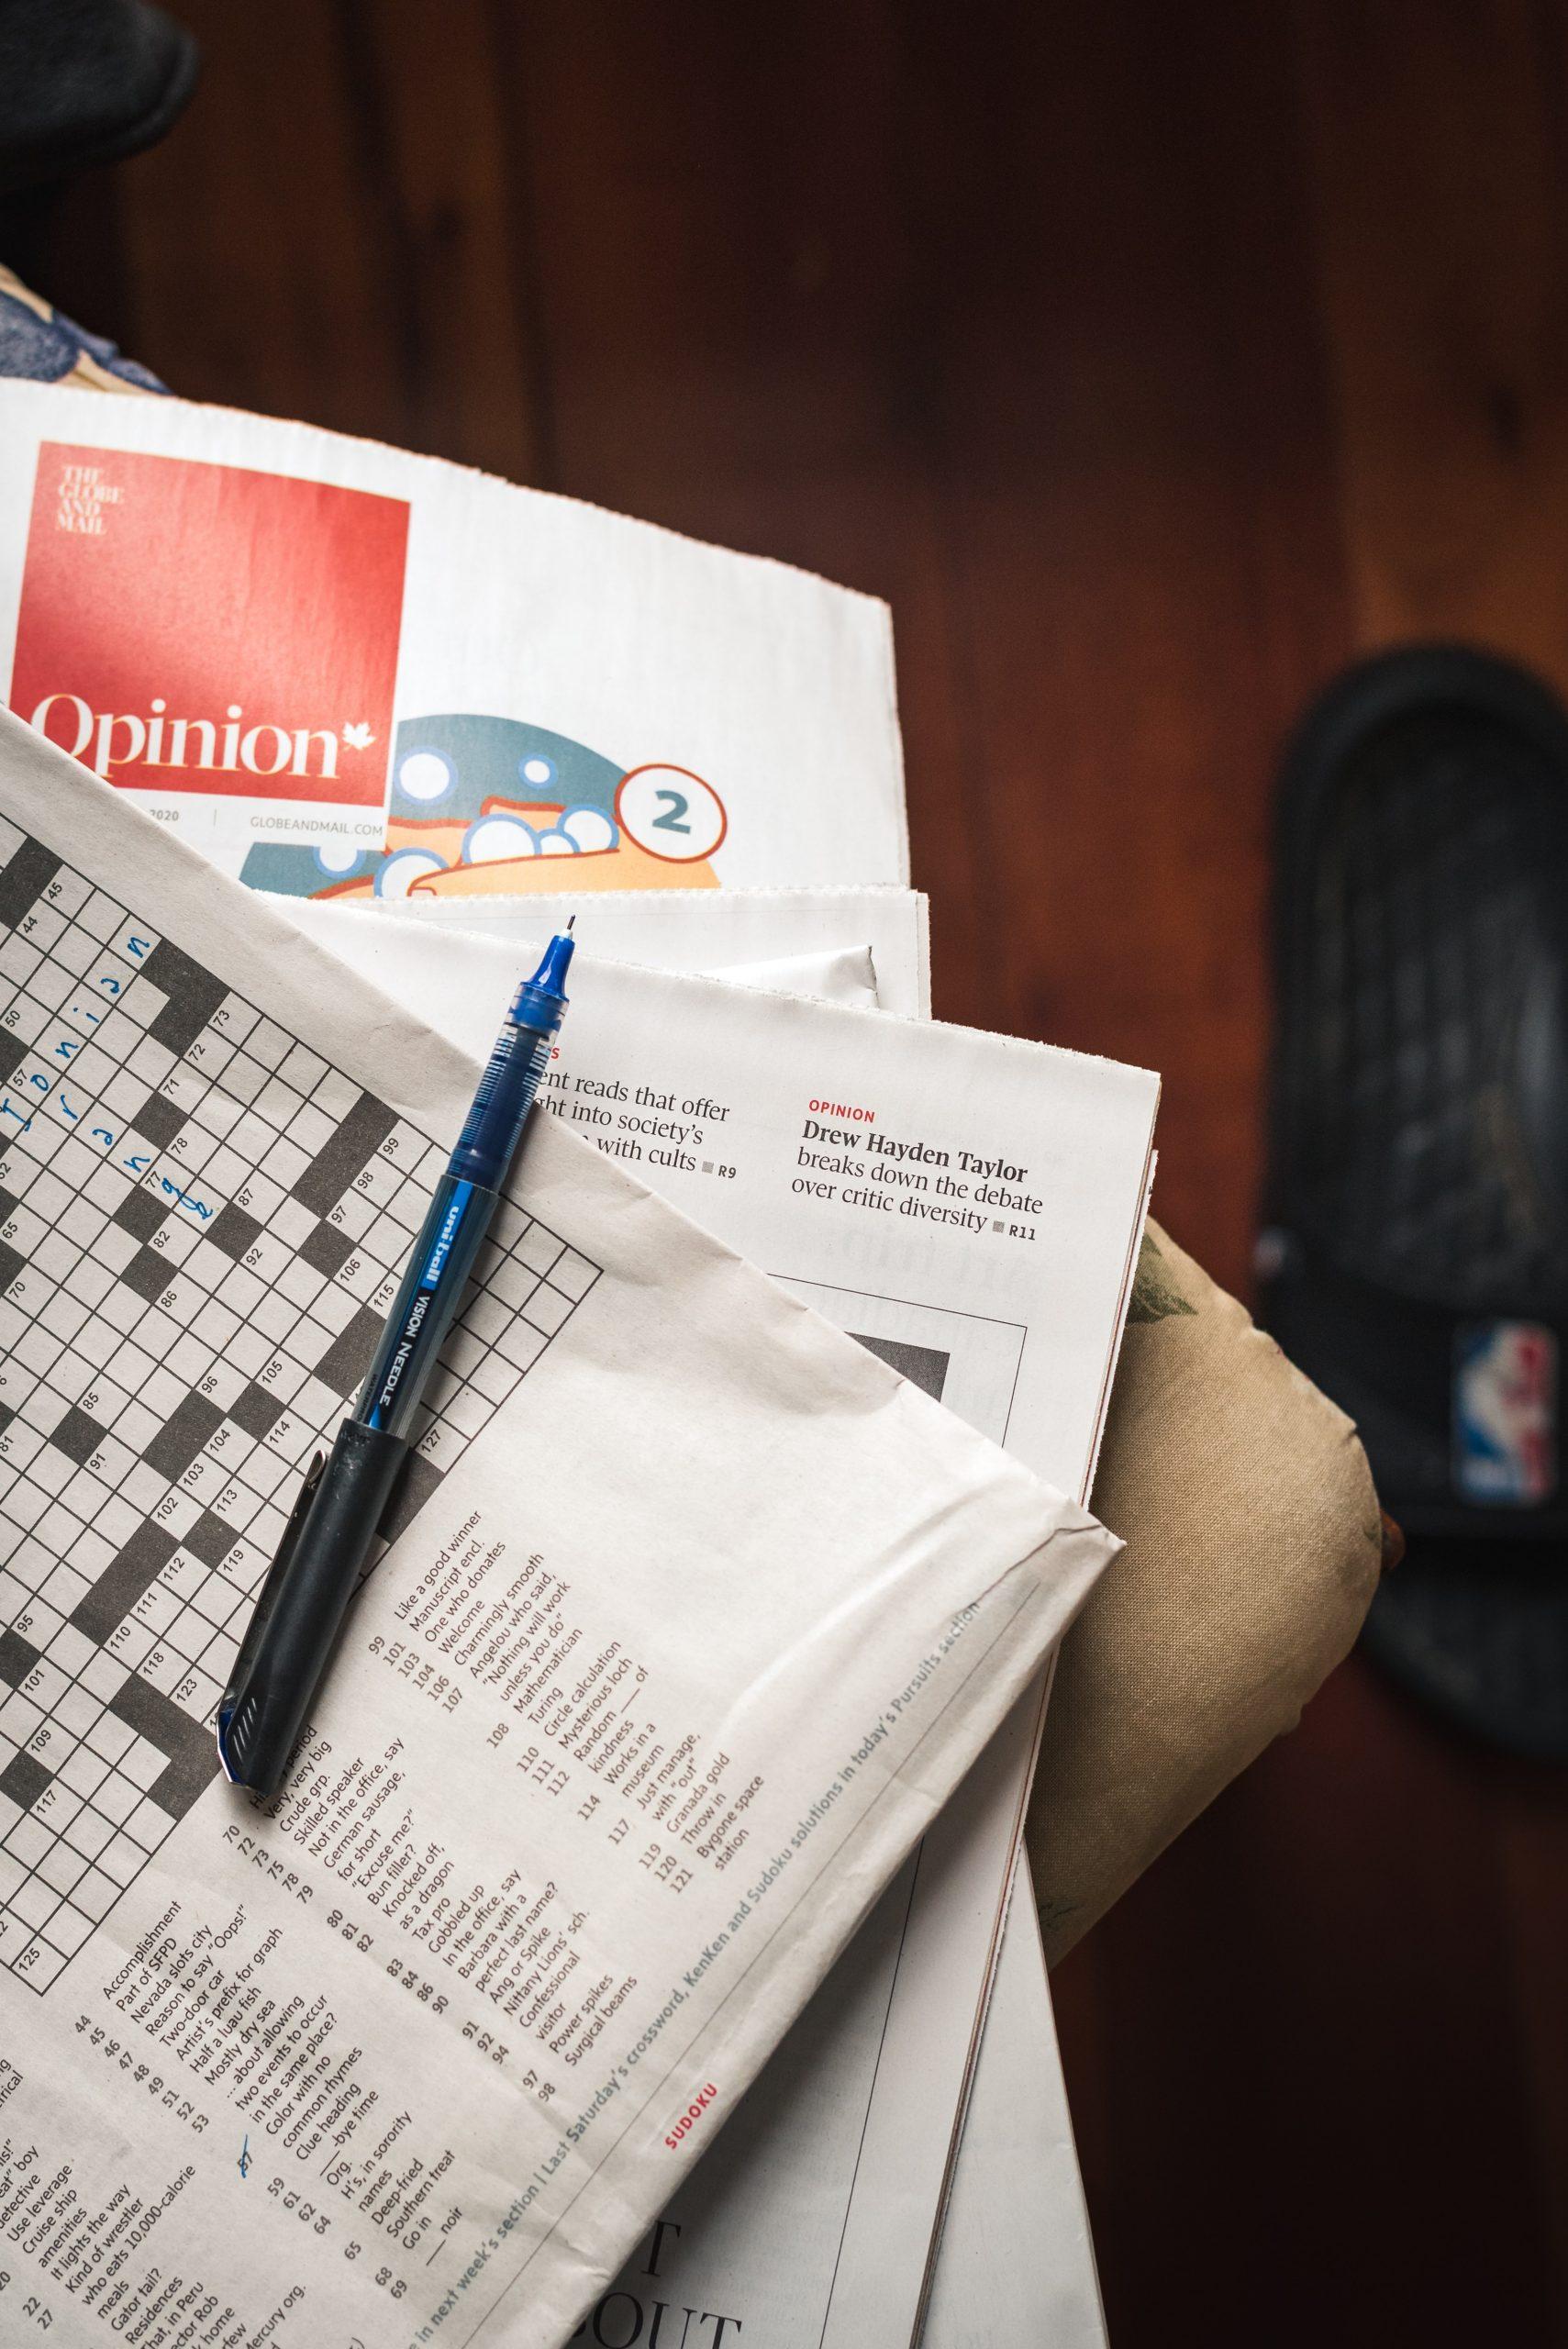 pen lying across a crossword puzzle